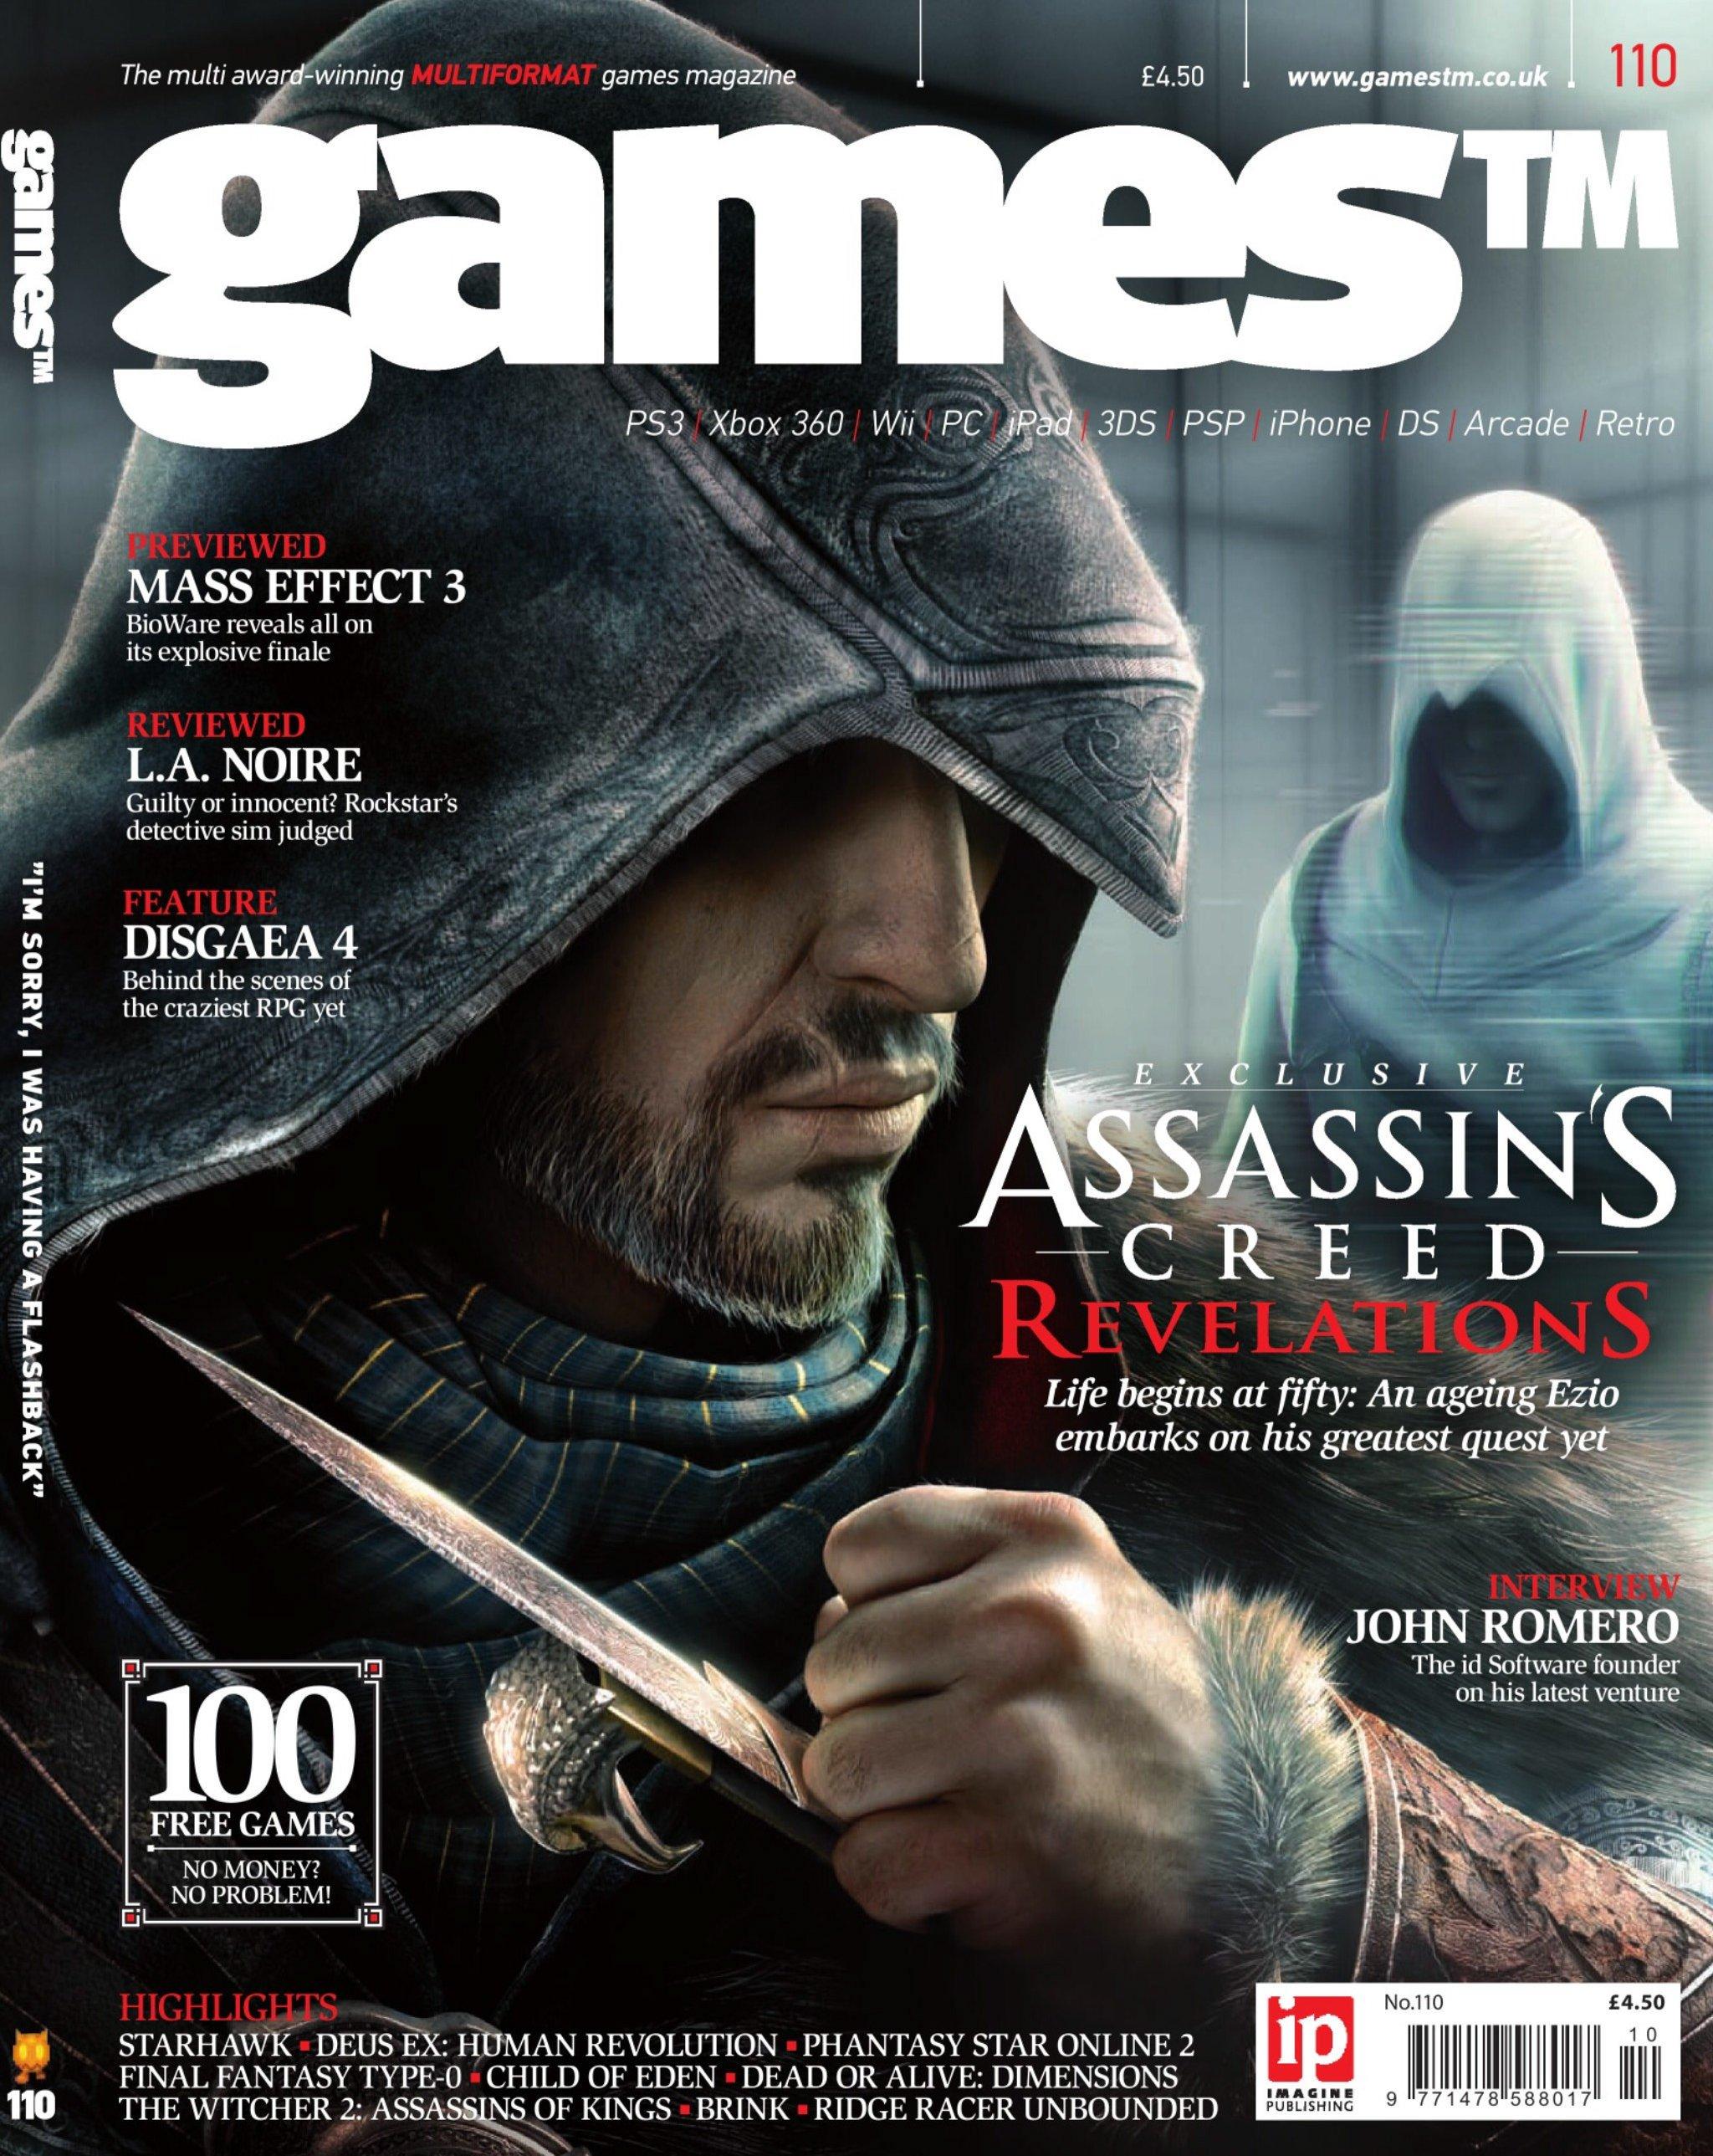 Games TM Issue 110 (June 2011)